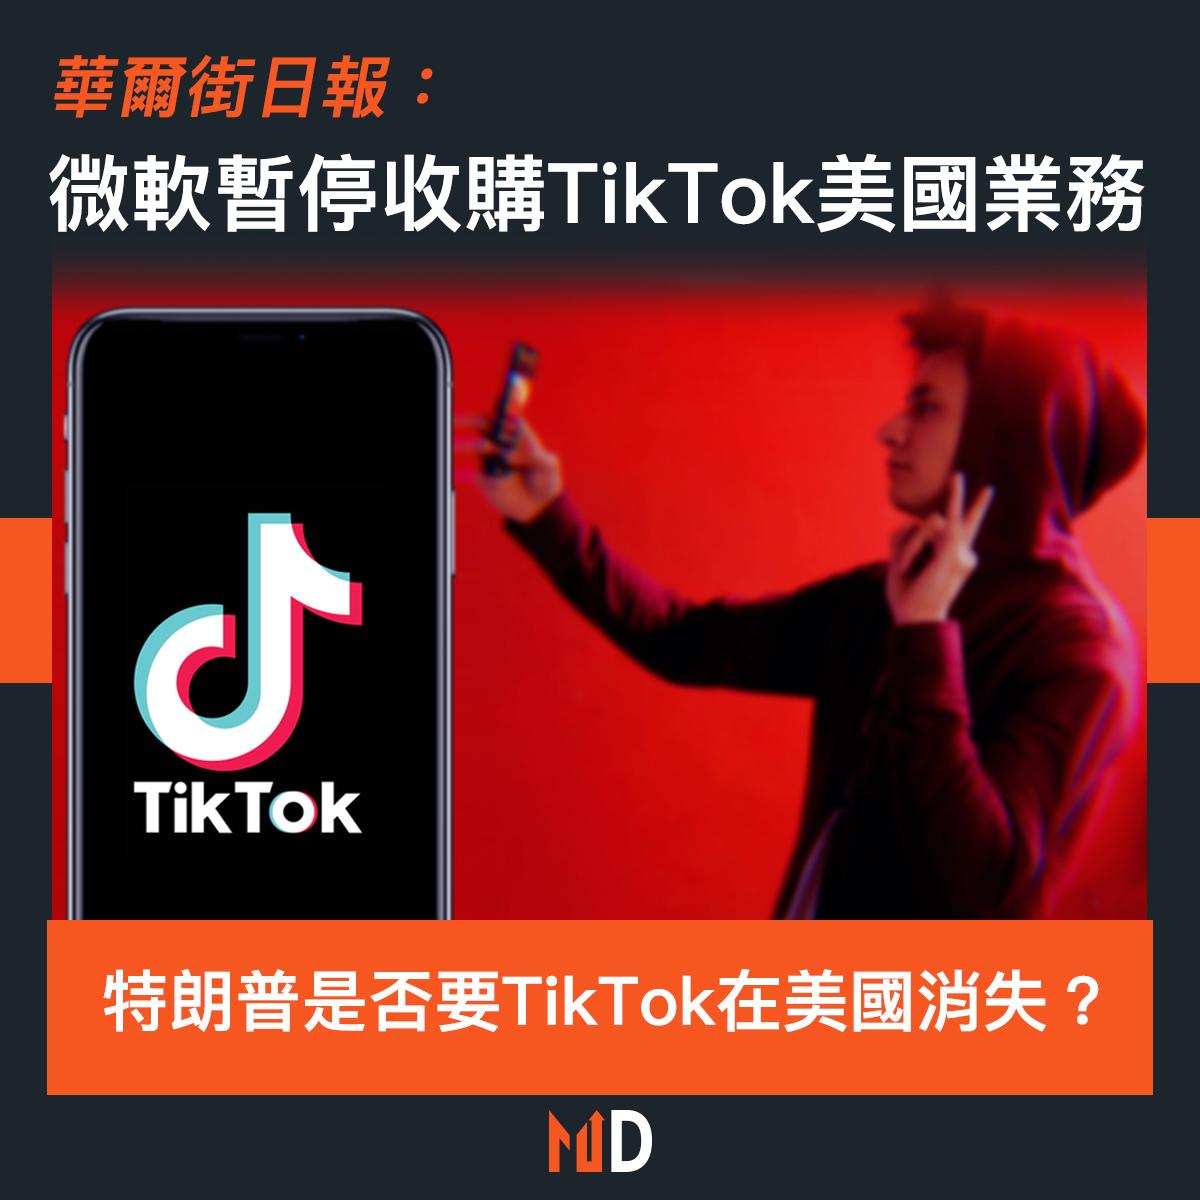 【市場熱話】華爾街日報:微軟暫停收購TikTok美國業務